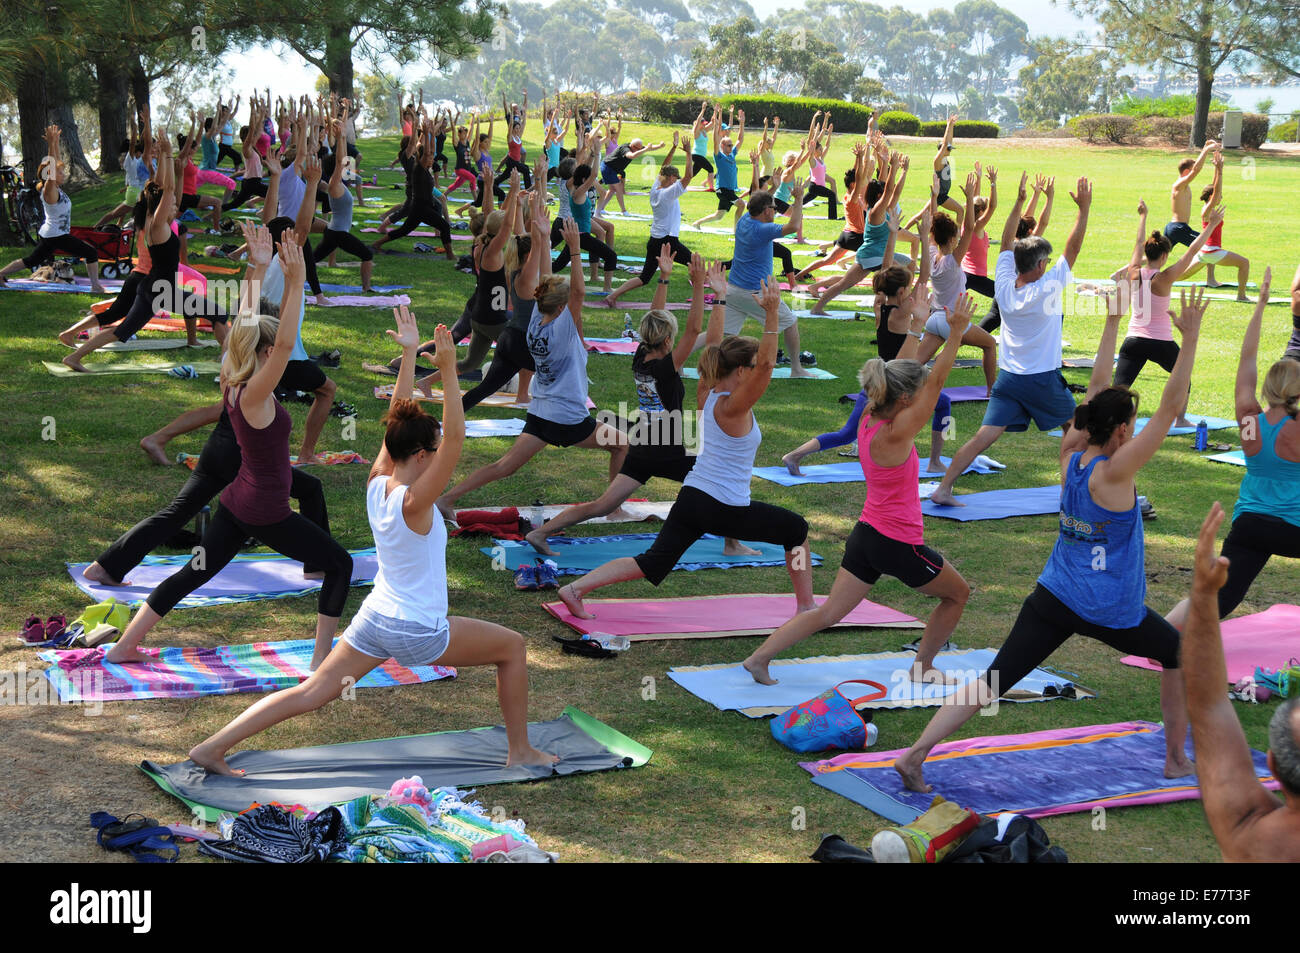 Tous les jours de l'exercice en plein air et des cours de yoga à Lantern Bay Park à Dana Point, Californie Photo Stock